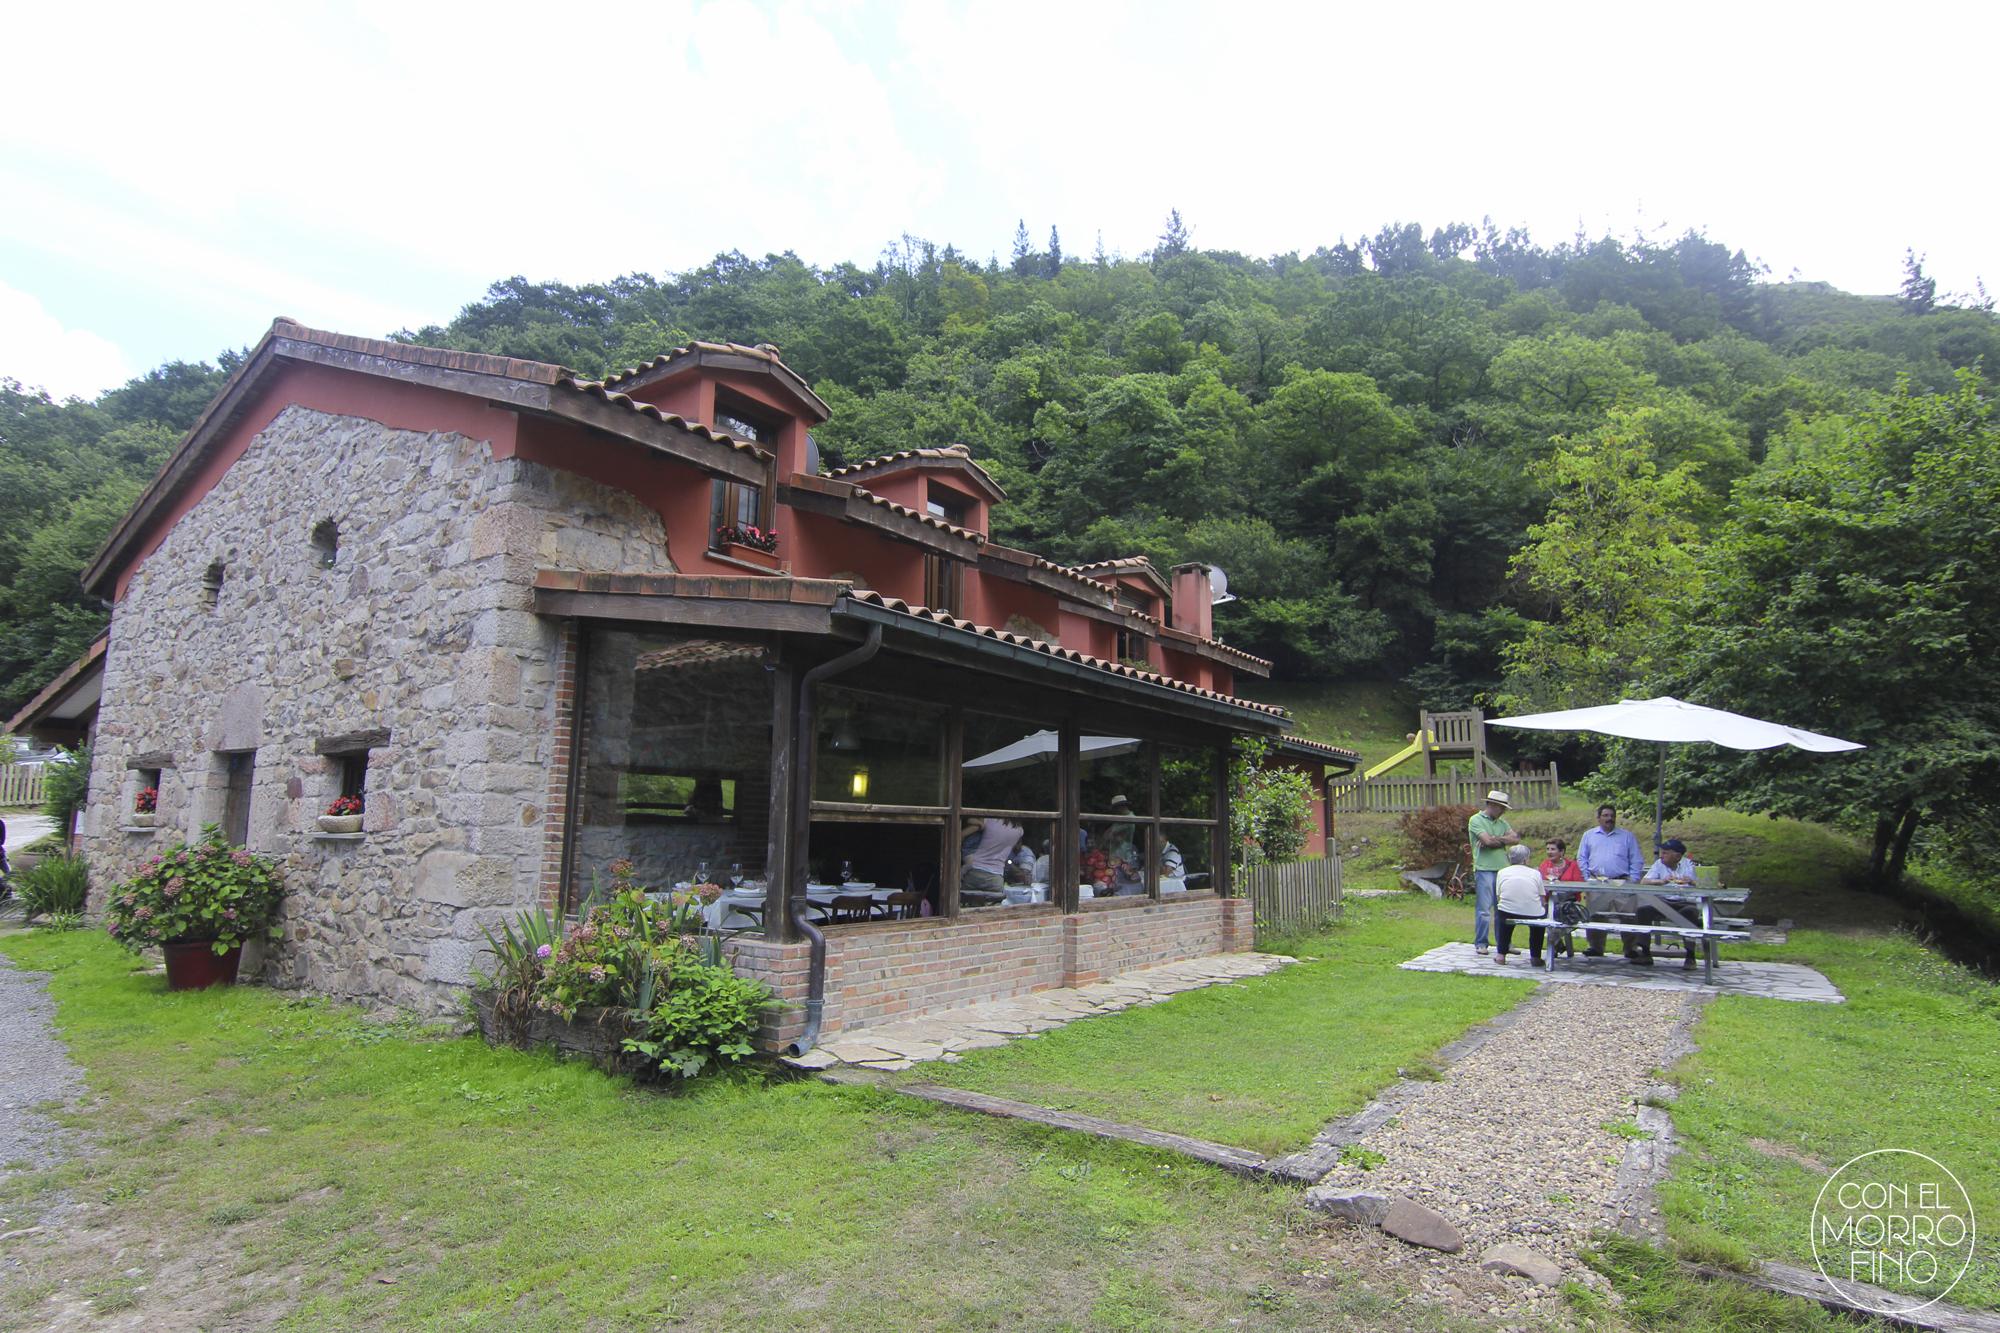 Viaje A Asturias El Molin De Mingo Con El Morro Fino